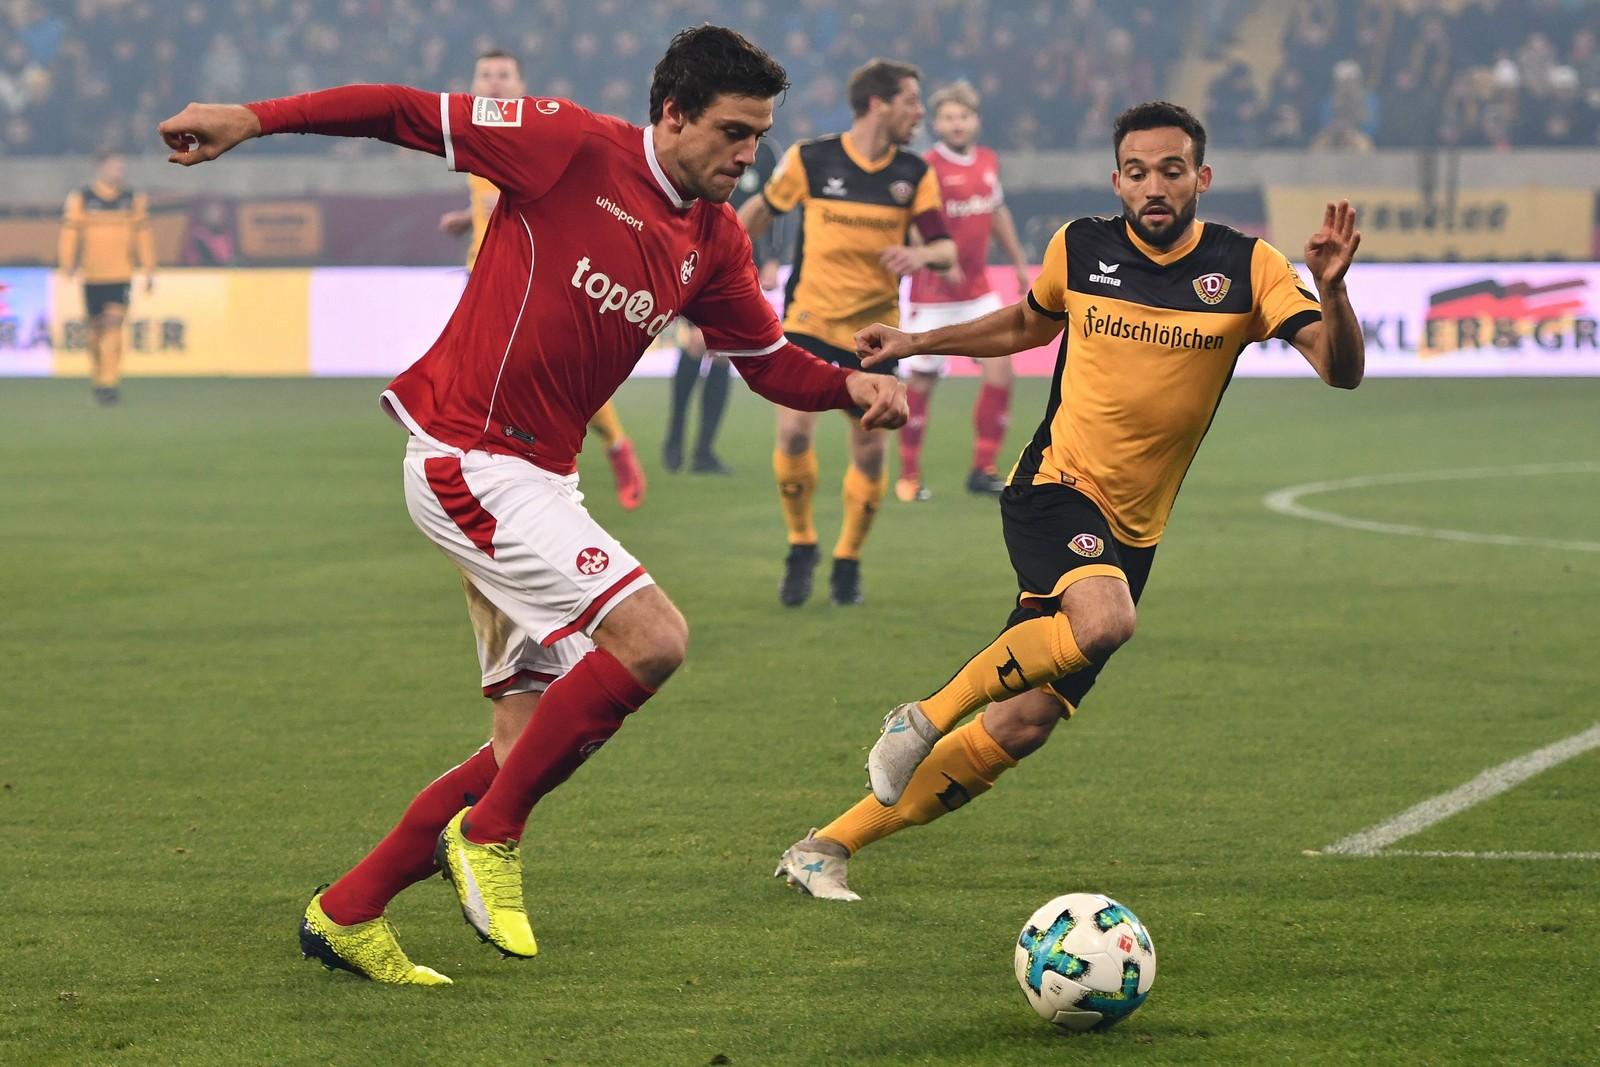 Benjamin Kessel vom 1. FC Kaiserslautern gegen Fabian Müller von Dynamo Dresden